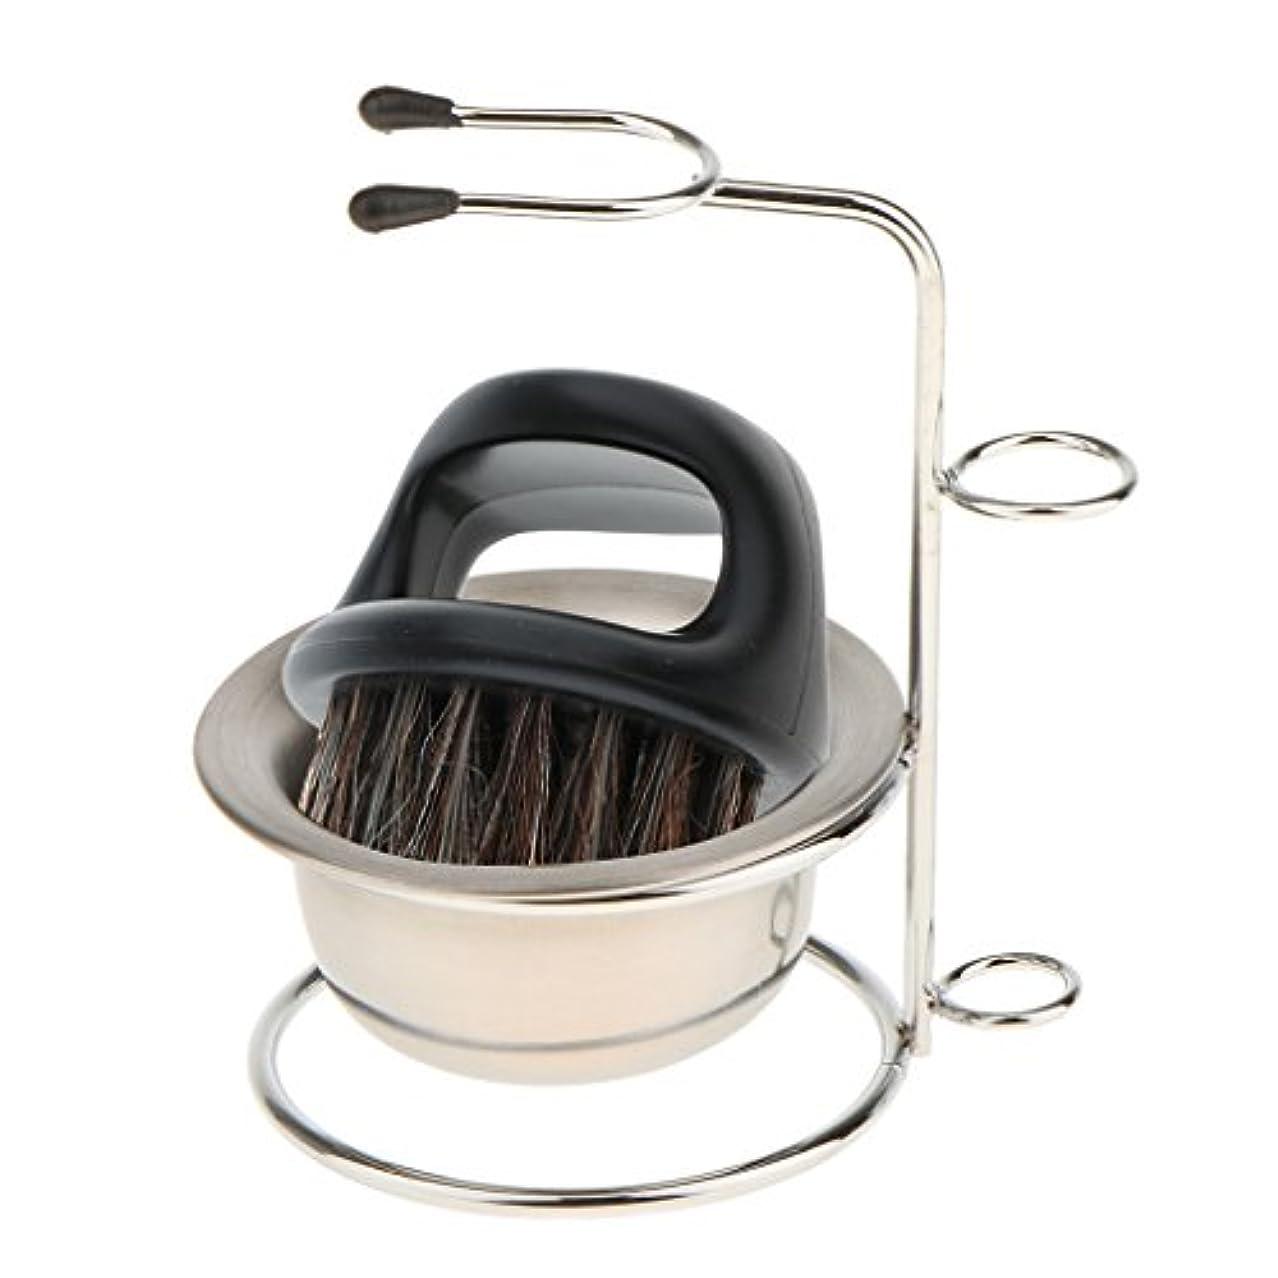 適応戸棚とHellery 3in1剛毛ヘアシェービングブラシ 石鹸ボウル安全かみそりシェービングスタンド 旅行